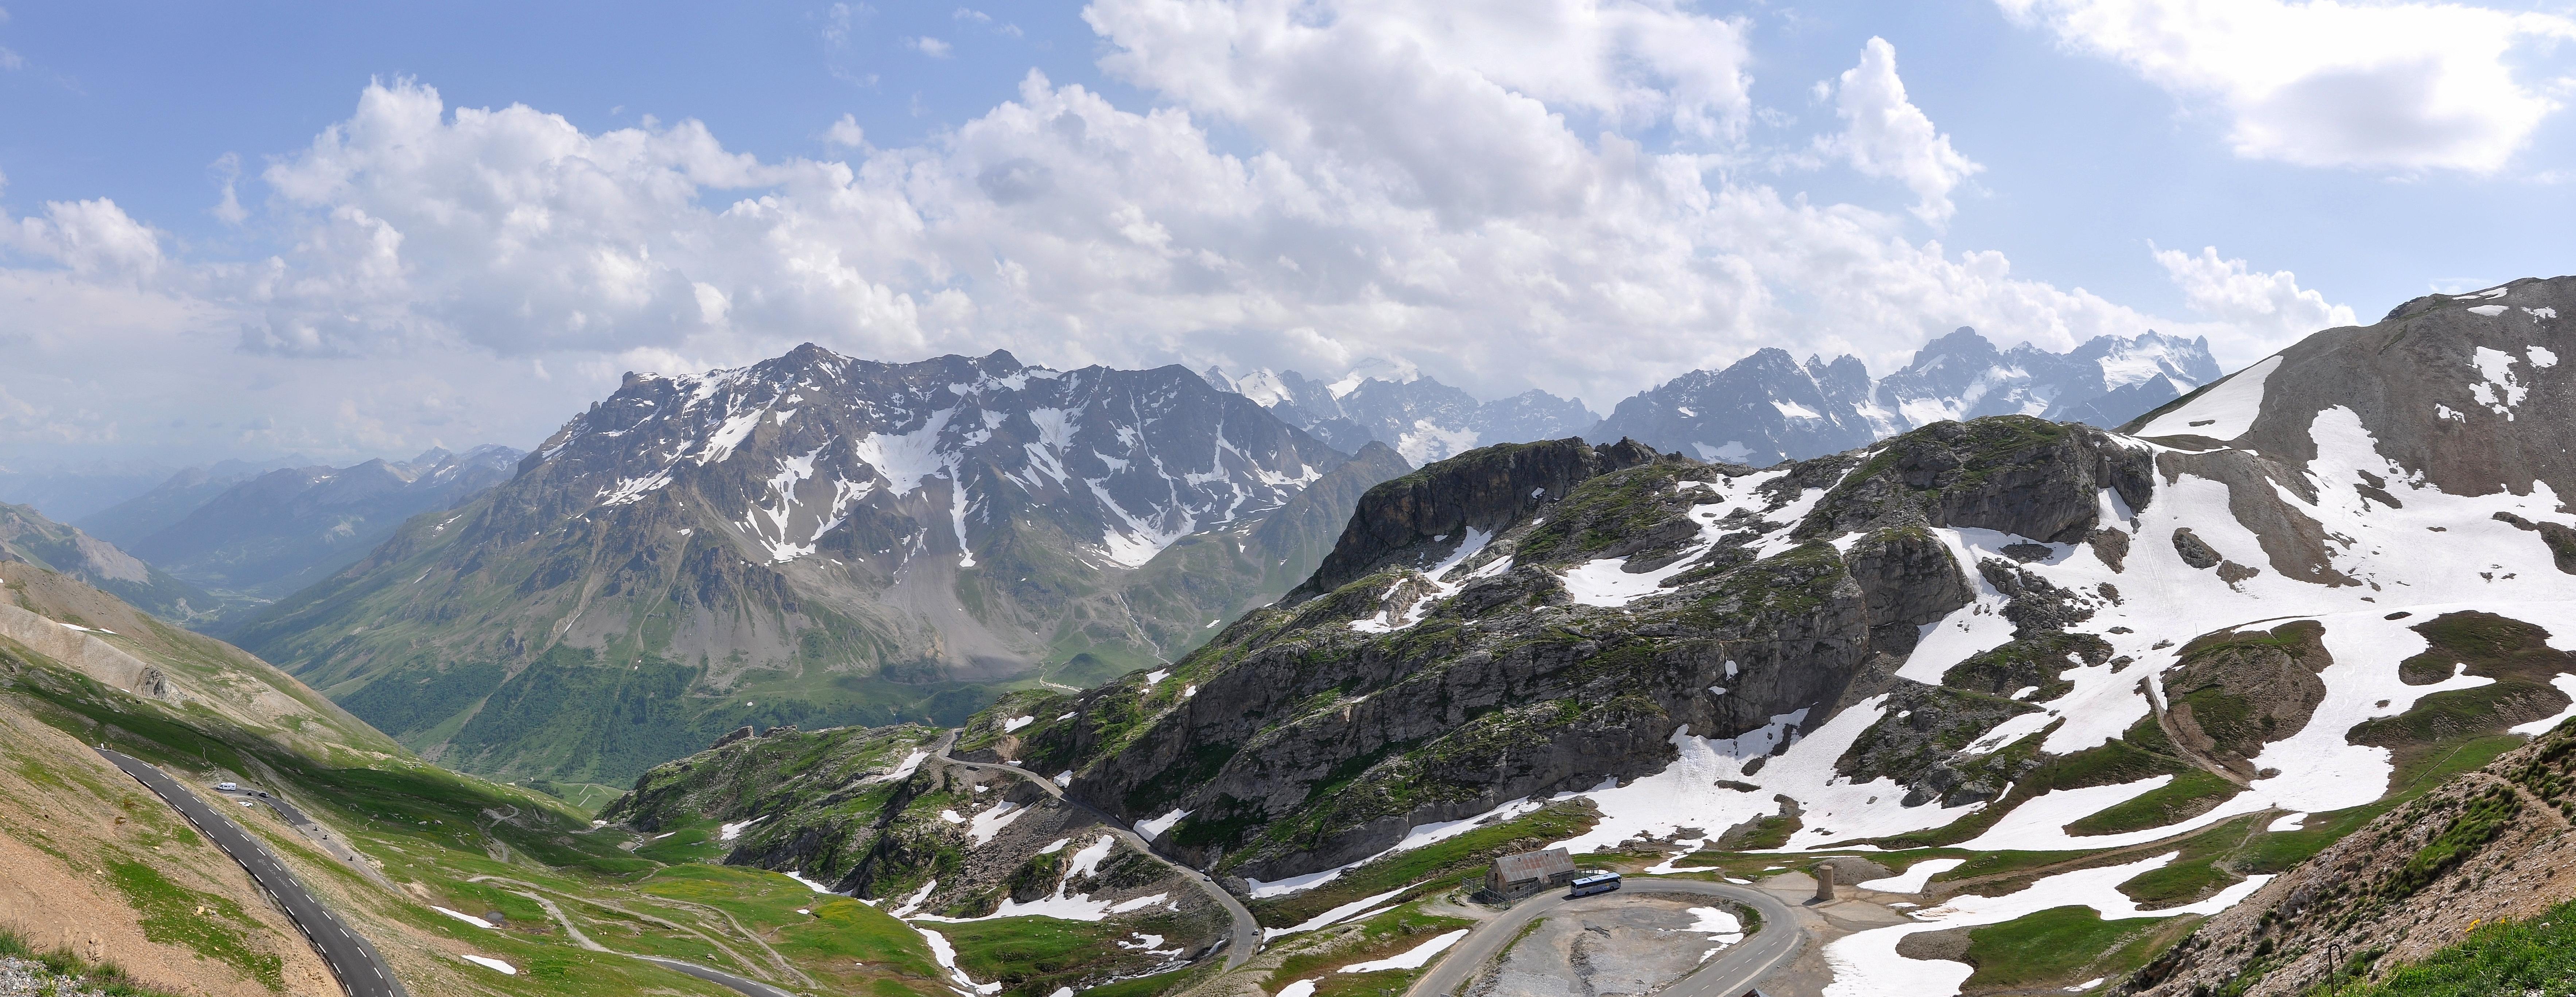 12 Alps 2012-06-28 023 Stitch